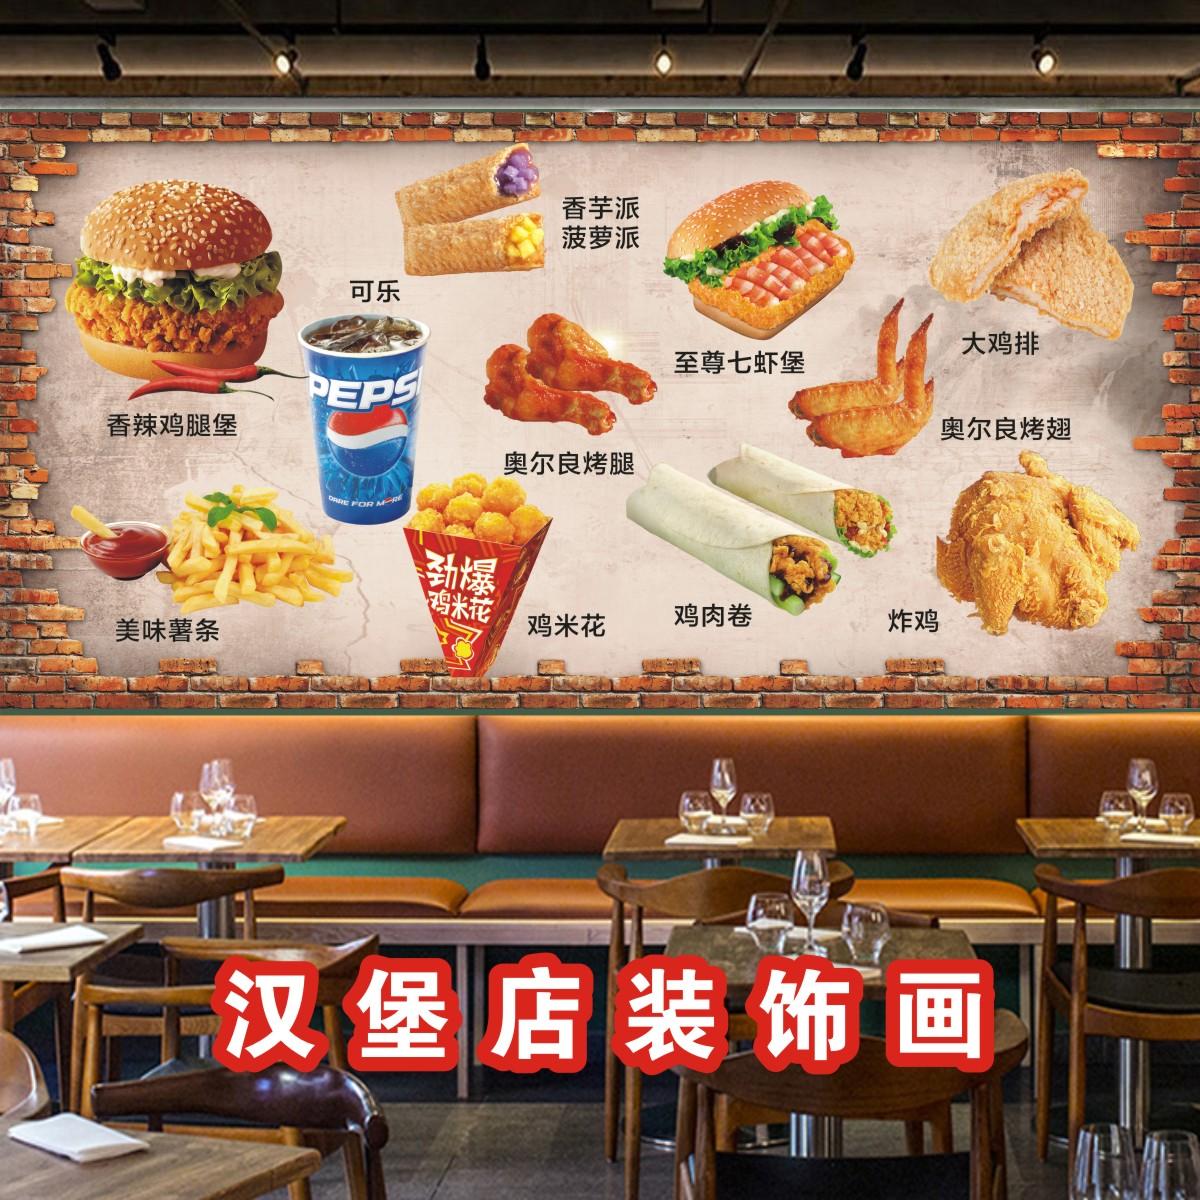 炸鸡店贴画吃货请留步汉堡小吃店奶茶店装饰背景墙贴纸画海报贴画